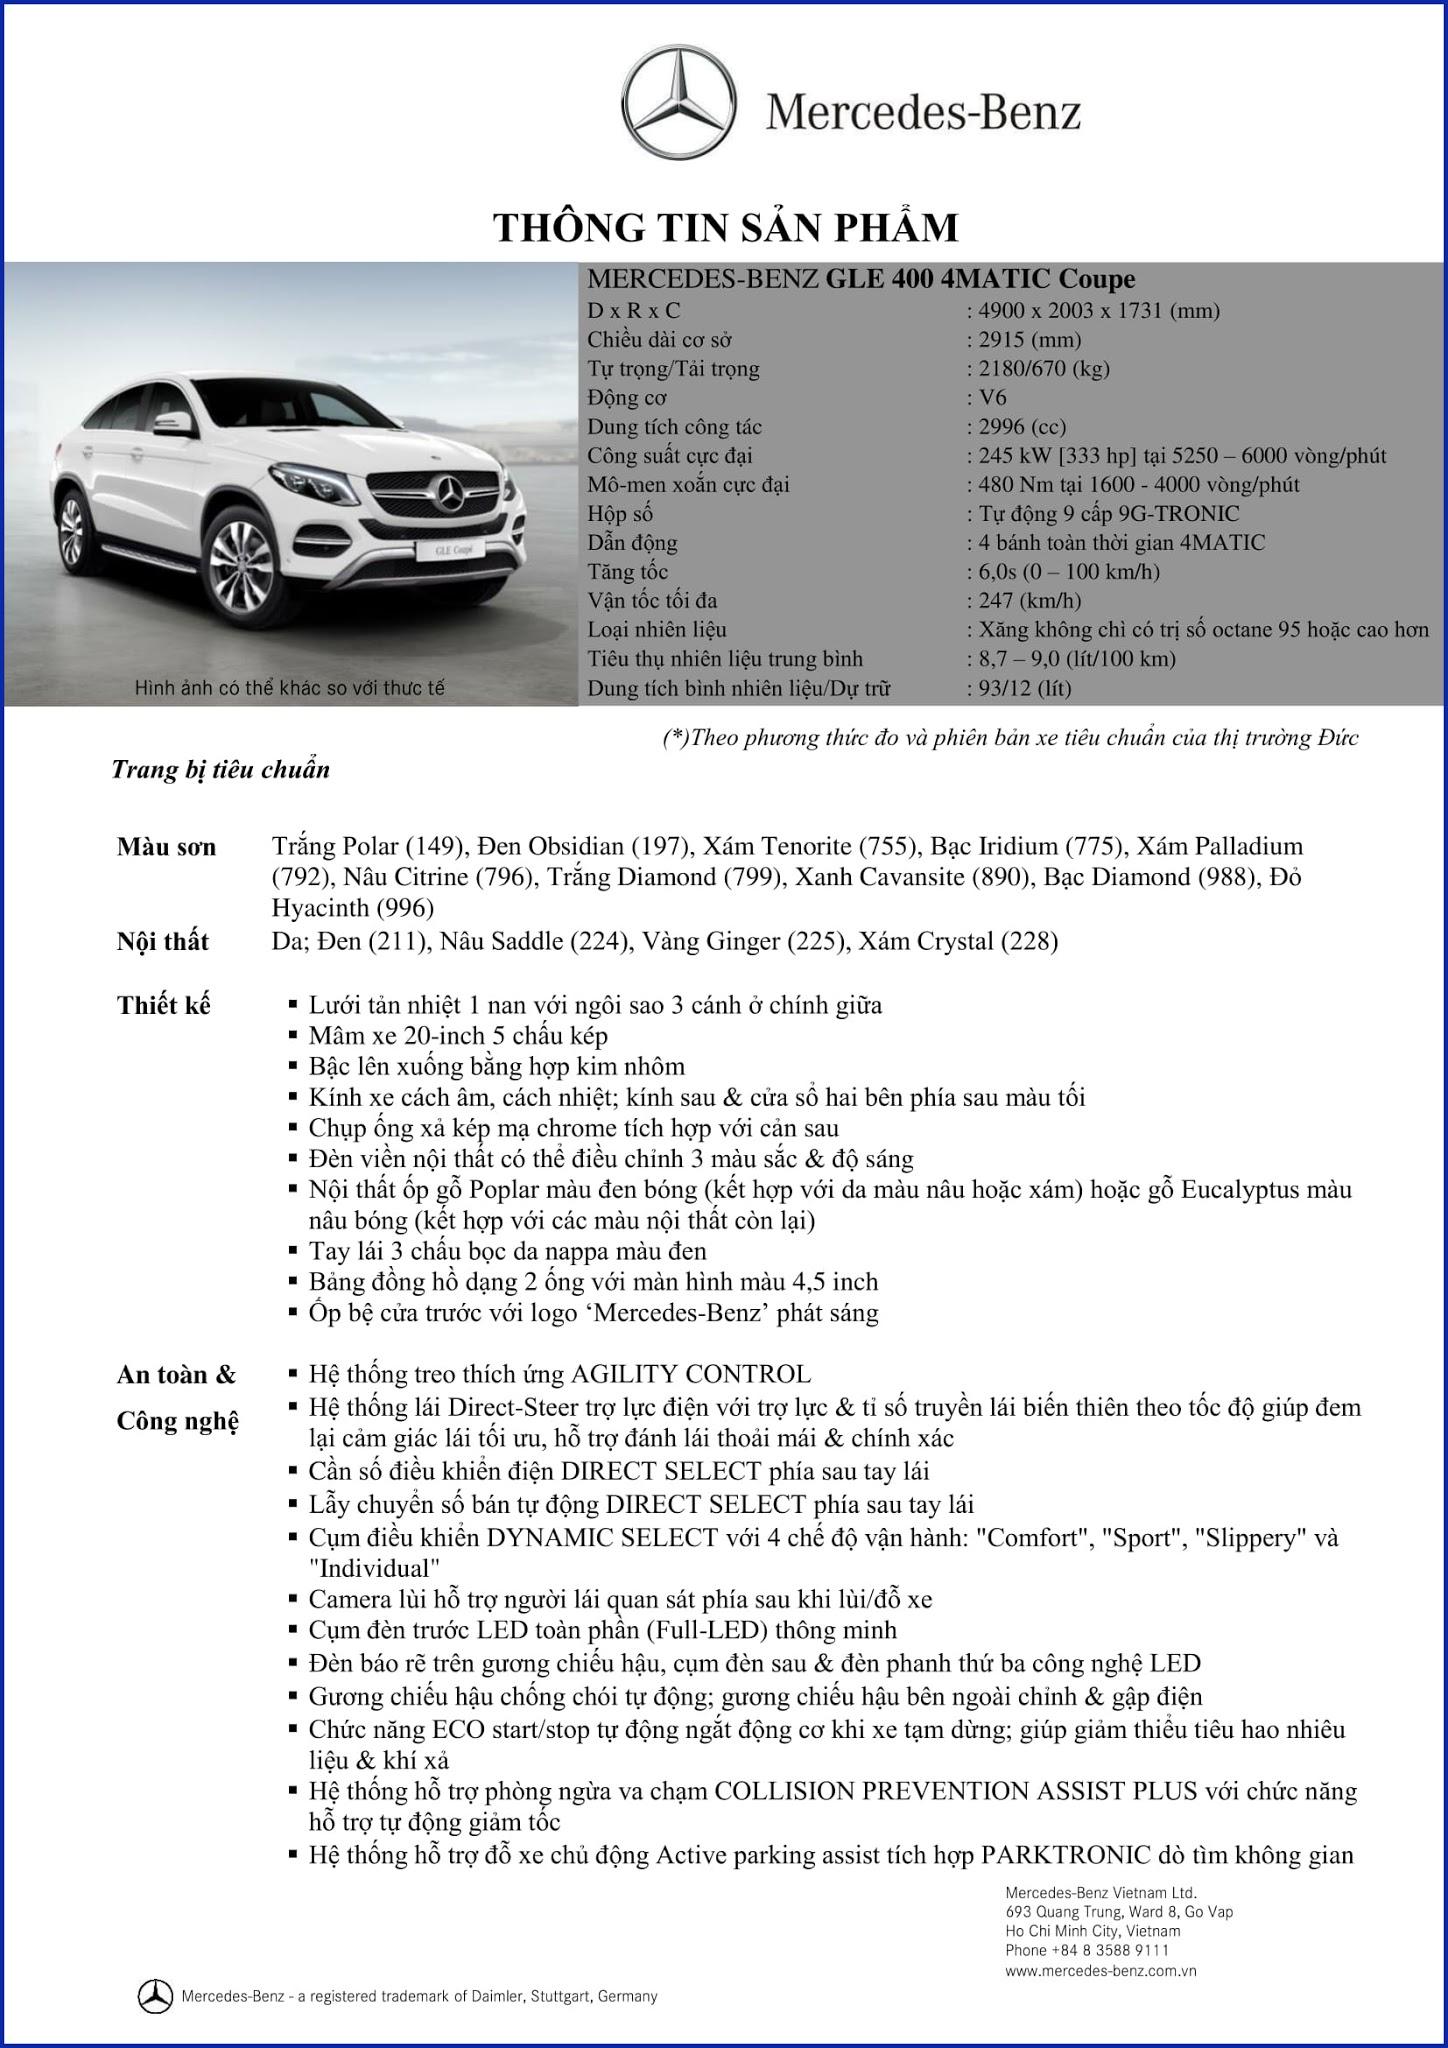 Bảng thông số kỹ thuật Mercedes GLE 400 4MATIC Coupe 2019 tại Mercedes Trường Chinh